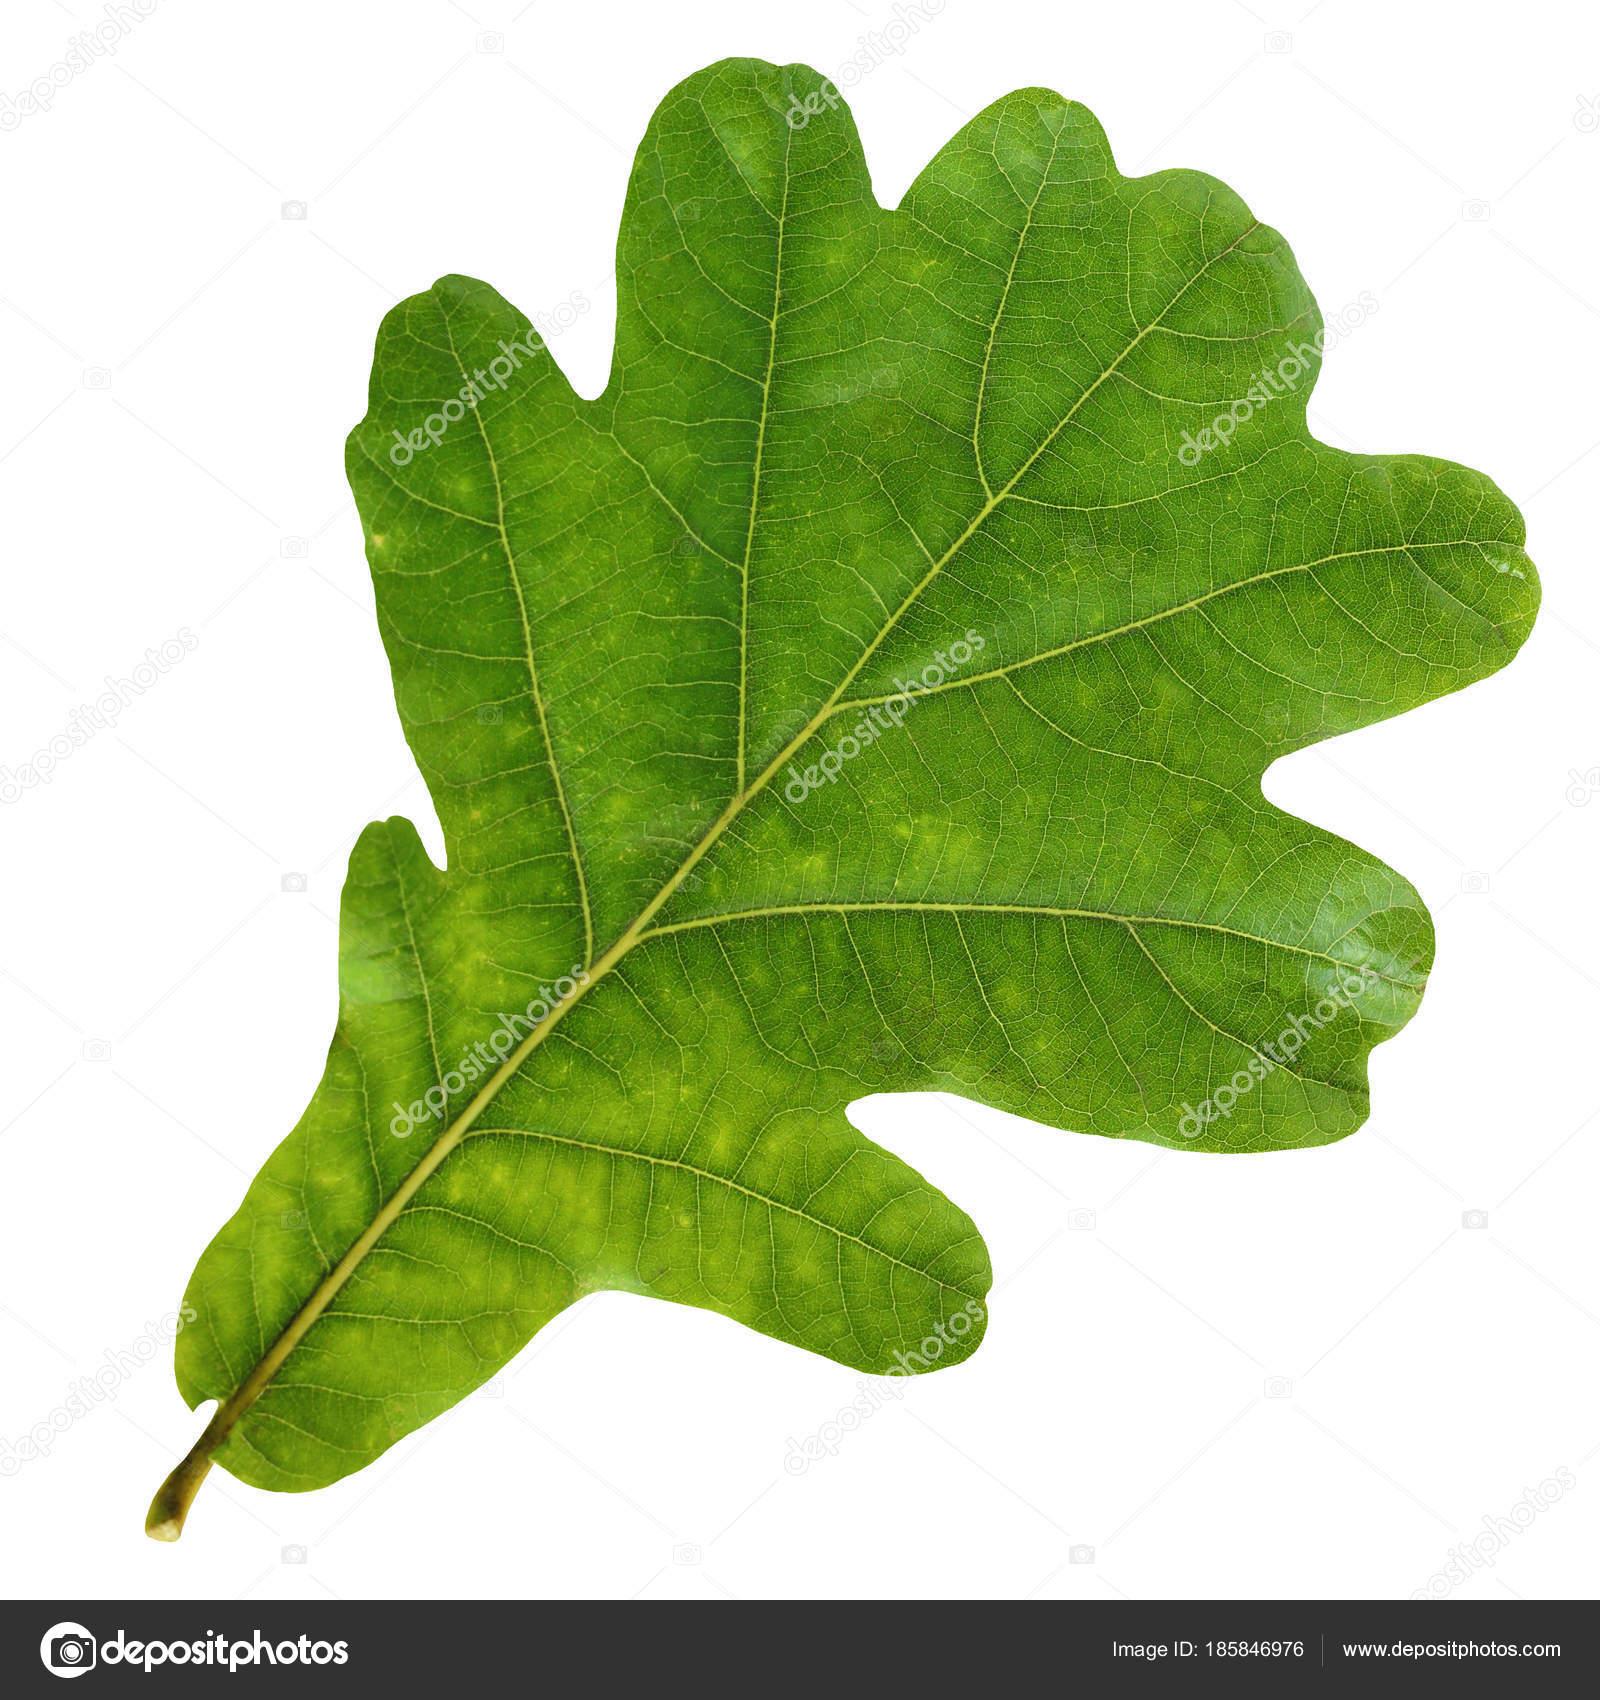 Im genes hoja del roble hoja de roble verde aislada - Fotos del roble ...